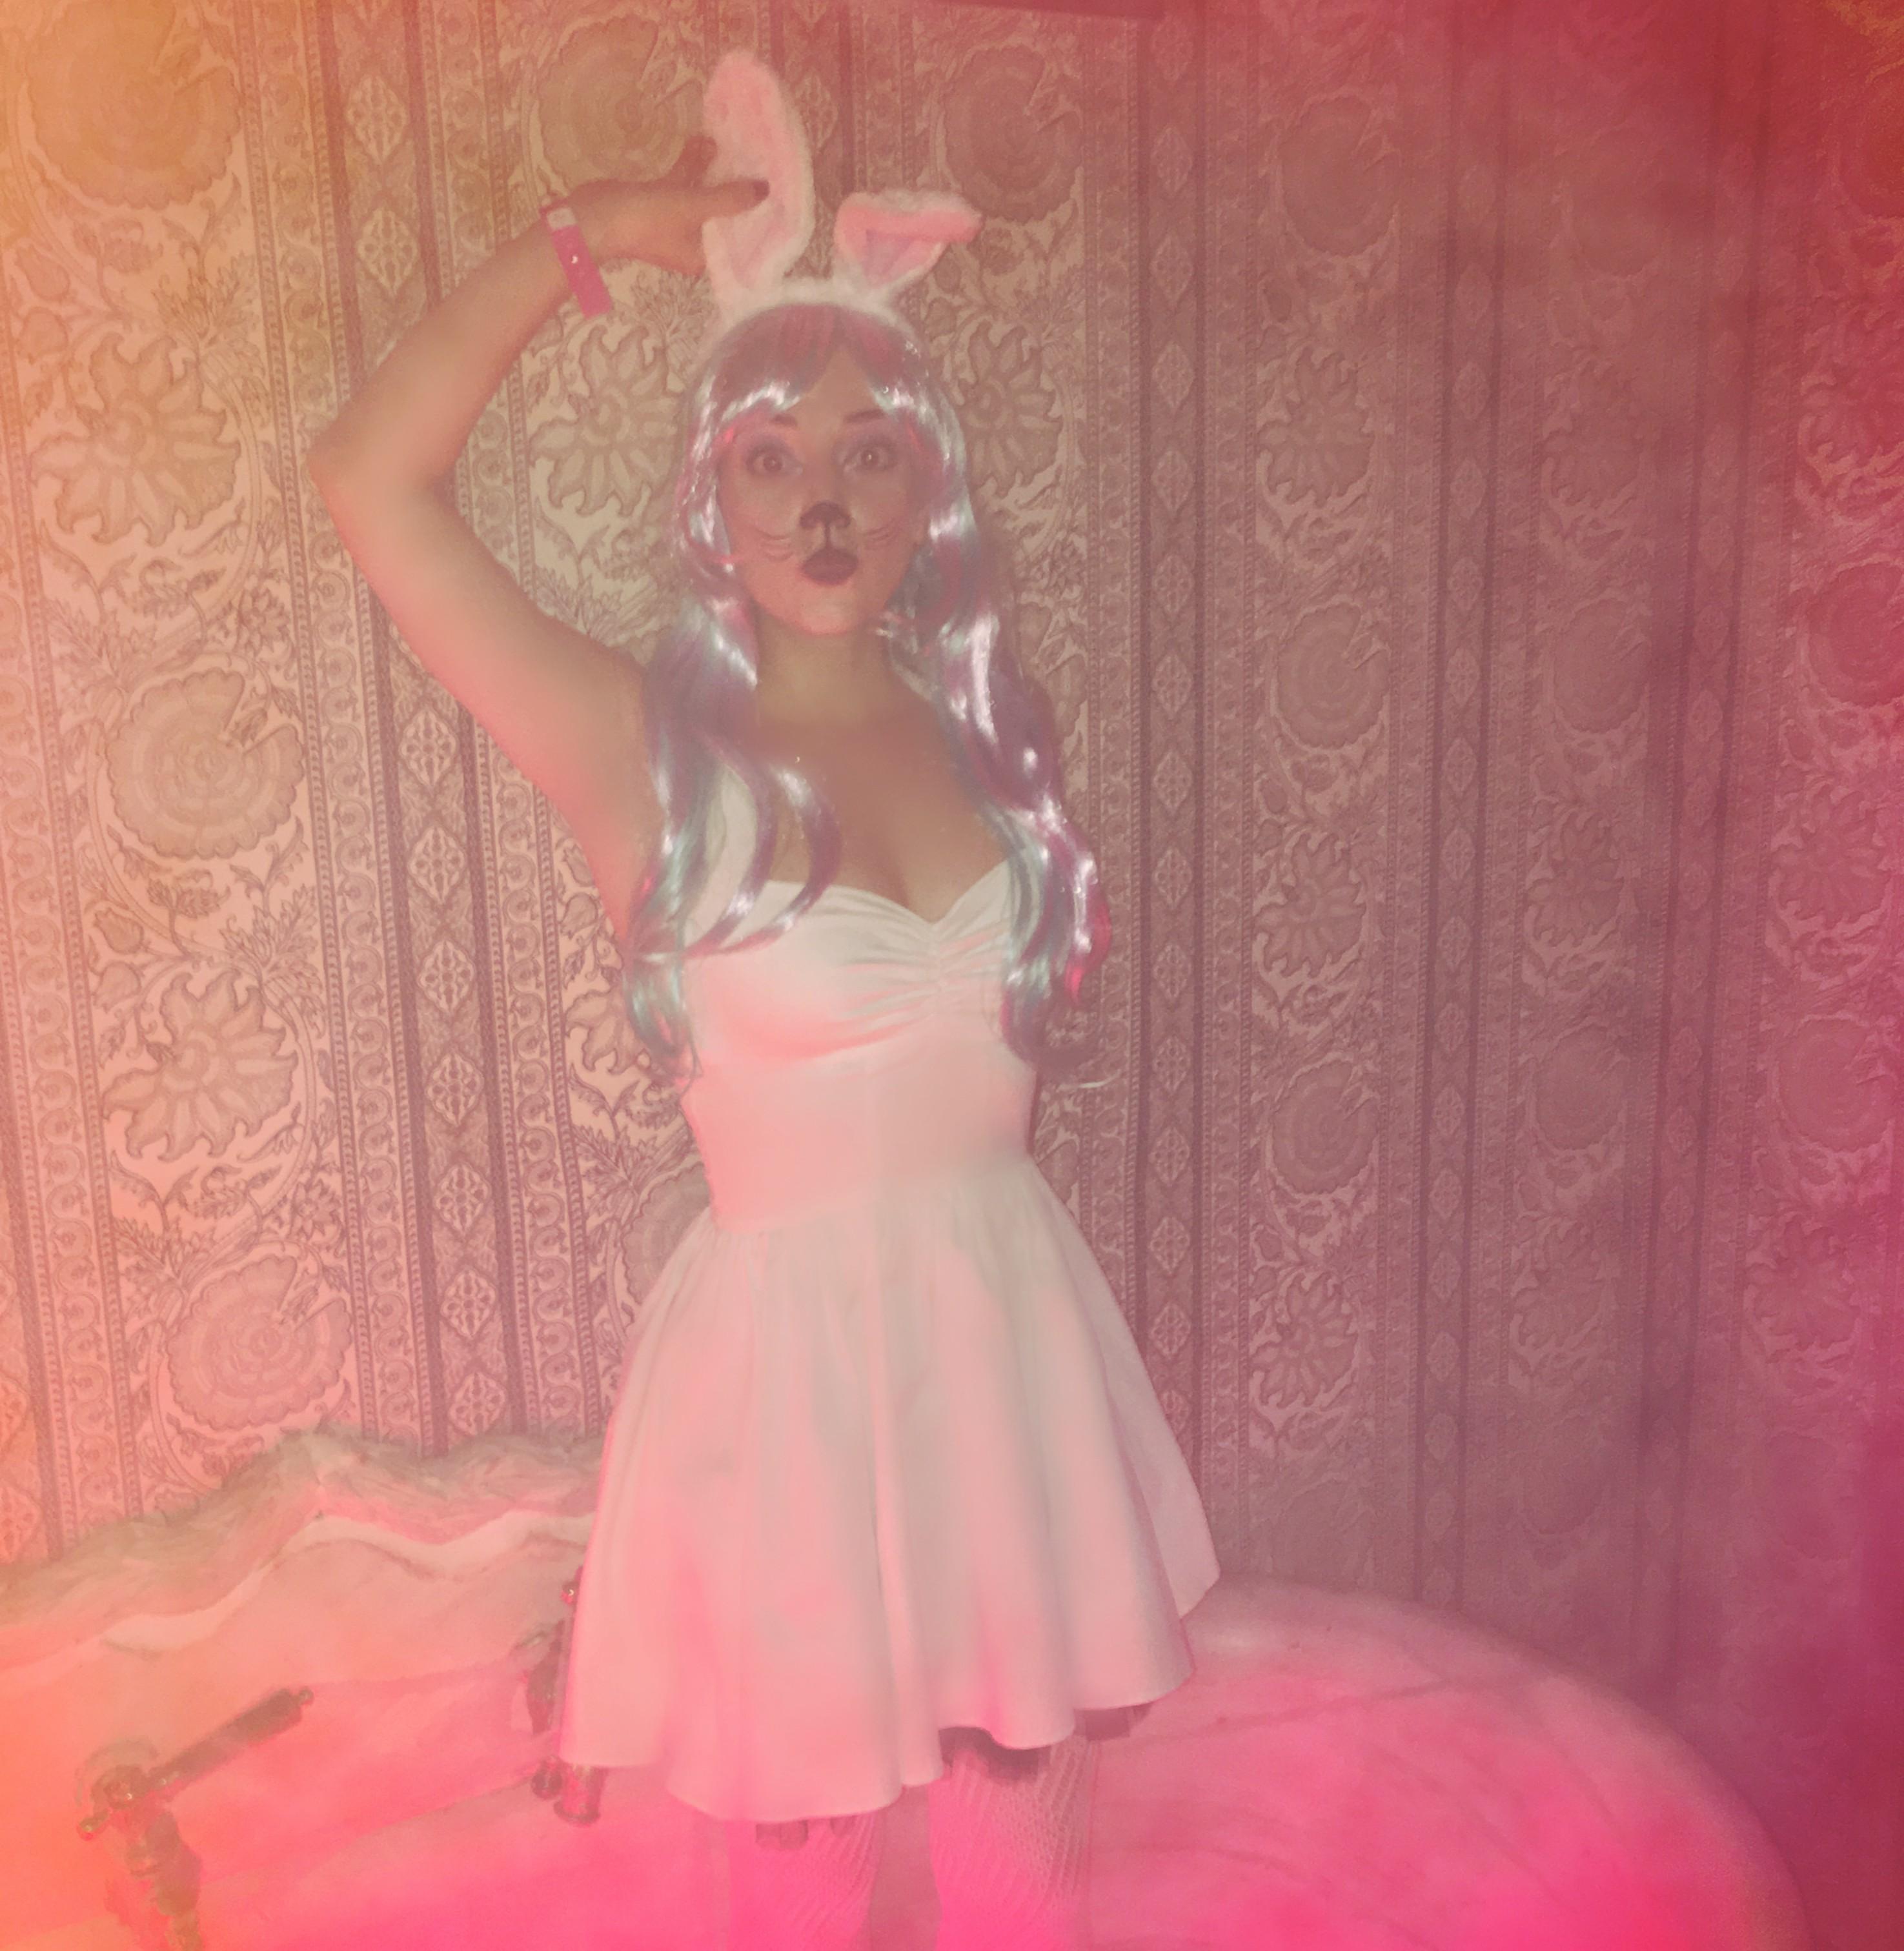 chicadicta-blog-de-moda-chic-adicta-regina-capdevila-maquilladora-profesional-bunny-makeup-halloween-nyx-cosmetics-espana-piensaenchic-piensa-en-chic